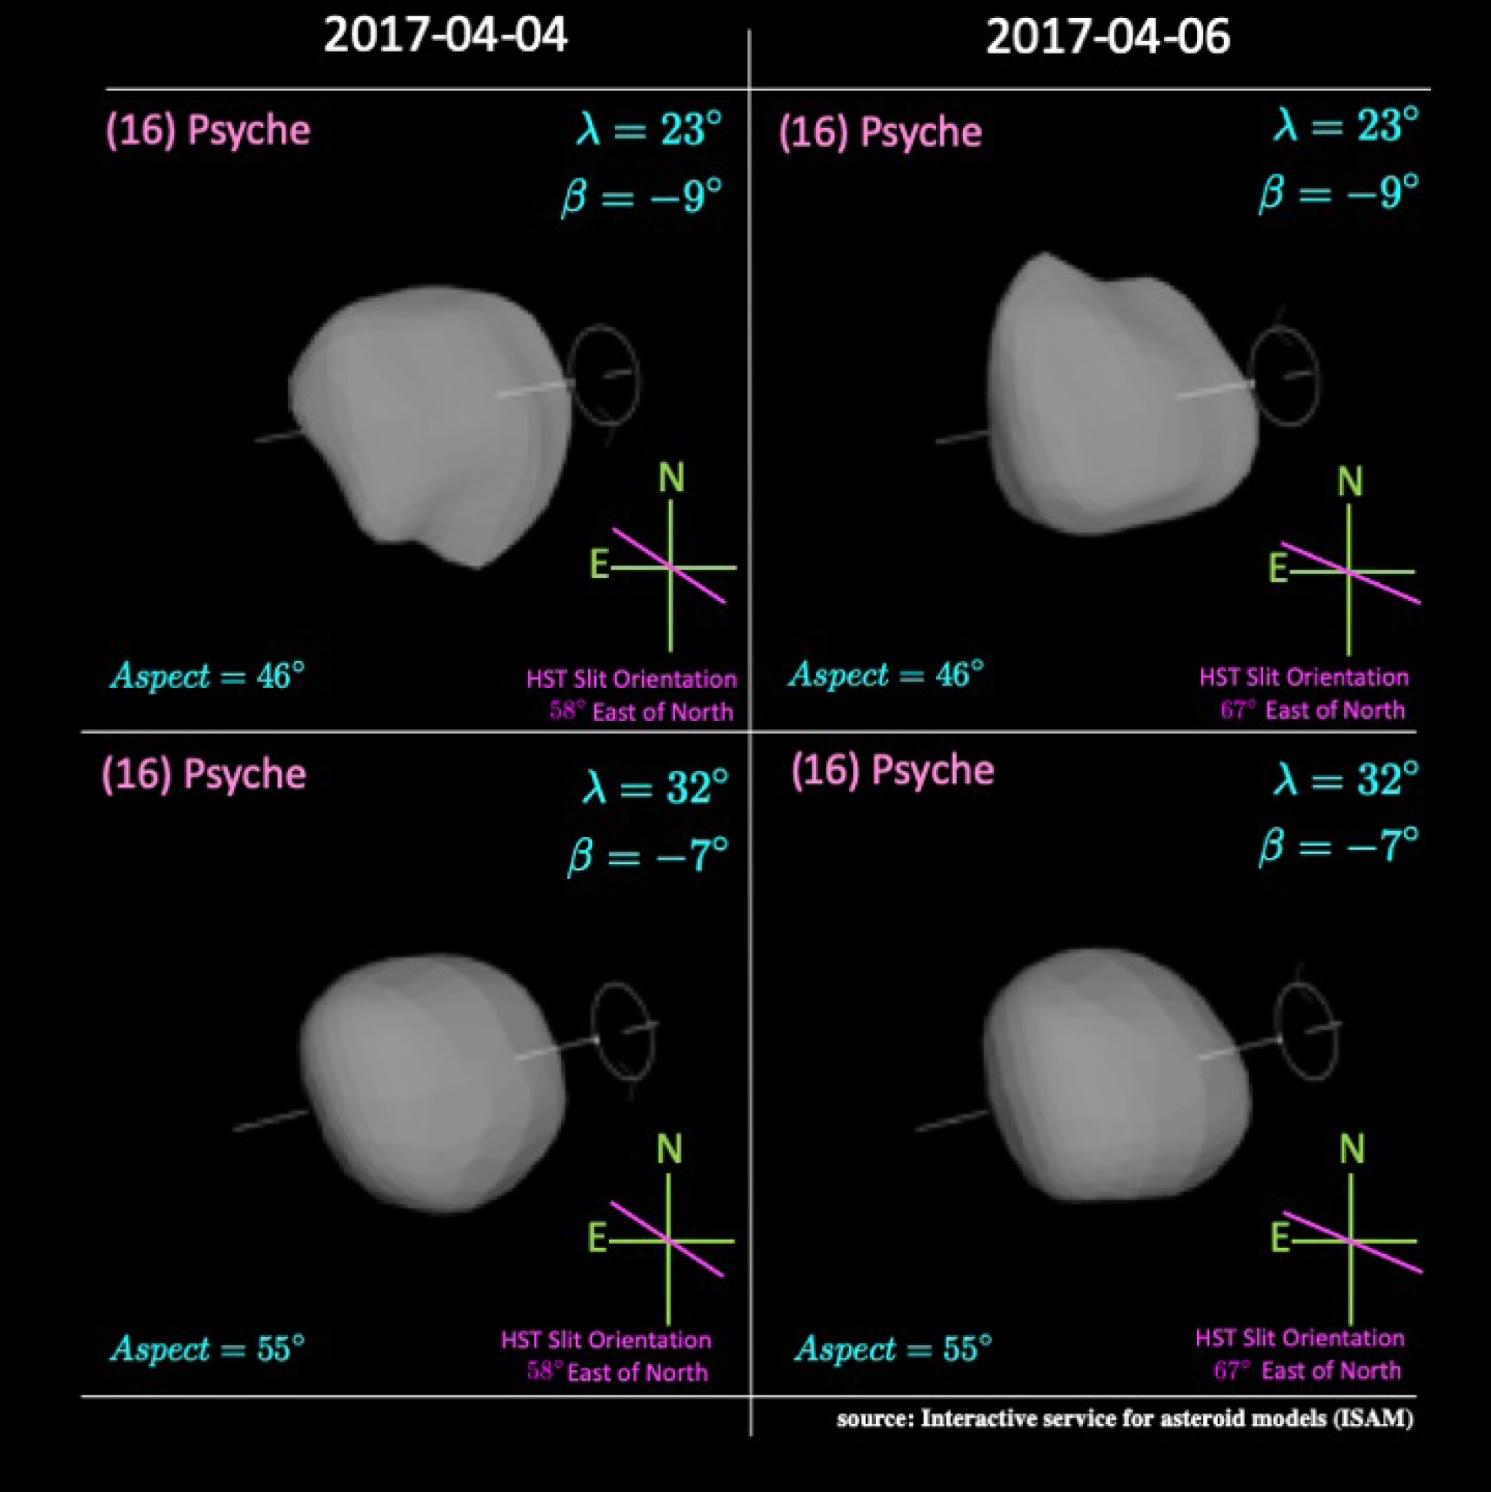 Металлическая миссия: следующим летом НАСА отправляет аппарат с двигателями Холла к железному астероиду ценой $10¹⁹ - 2